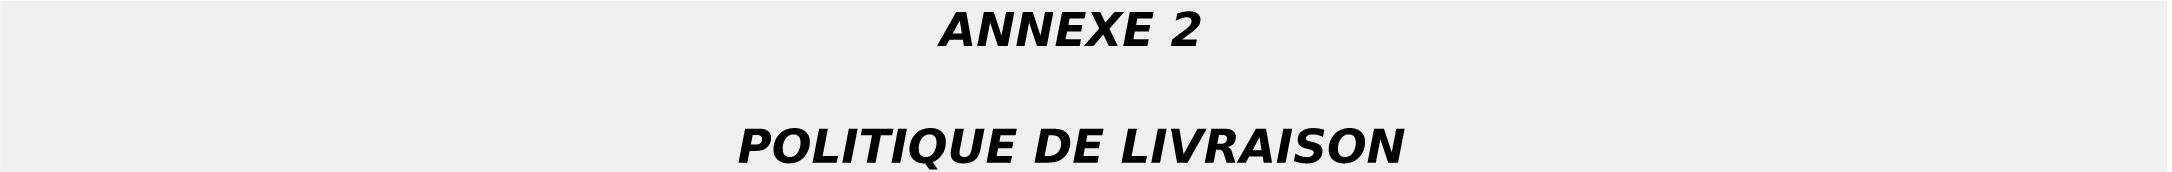 ANNEXE 2 POLITIQUE DE LIVRAISON